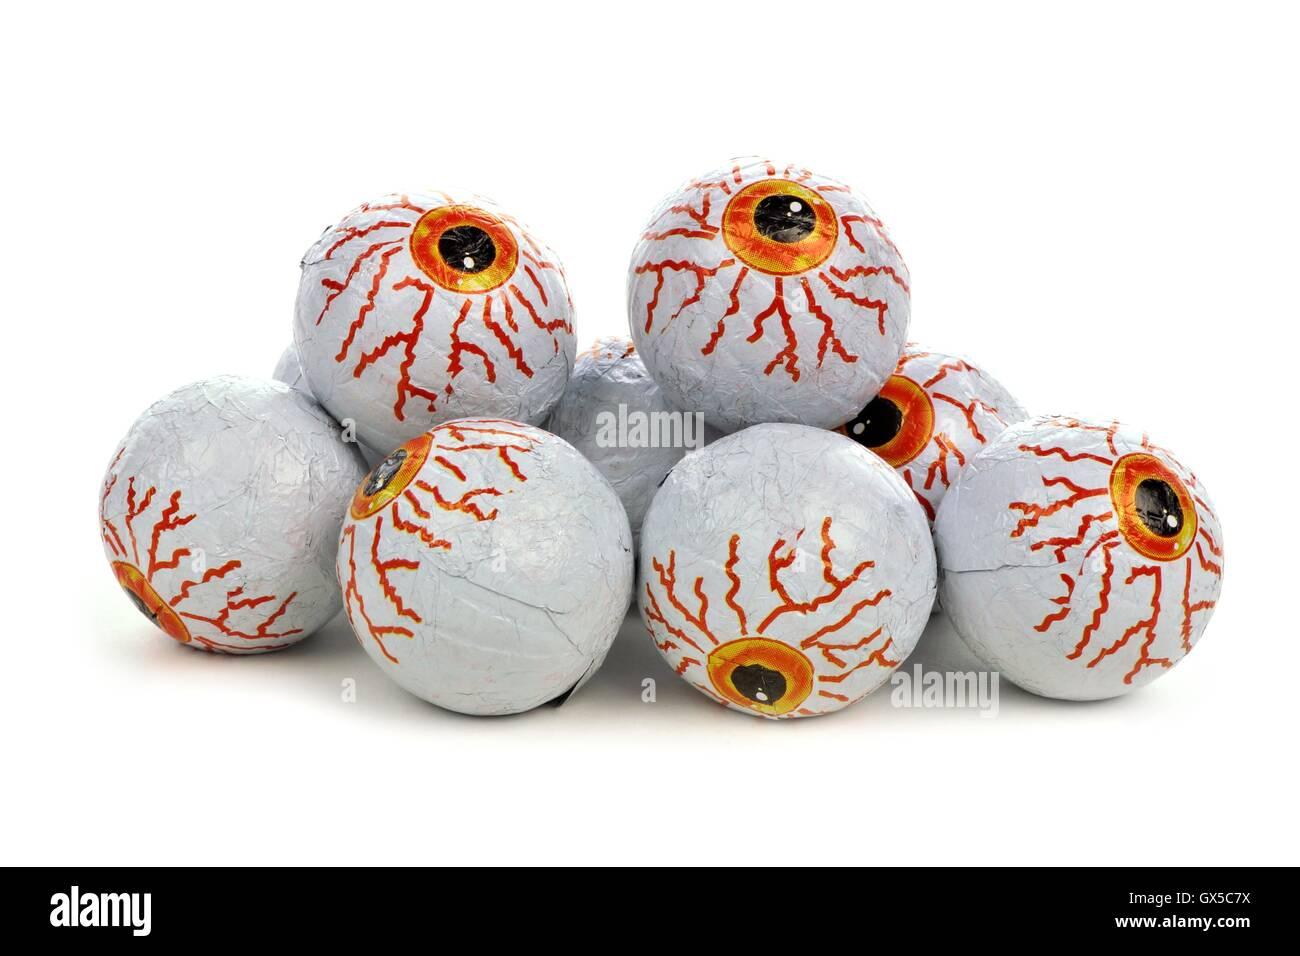 Montón de golosinas de Halloween ojos sobre un fondo blanco. Imagen De Stock